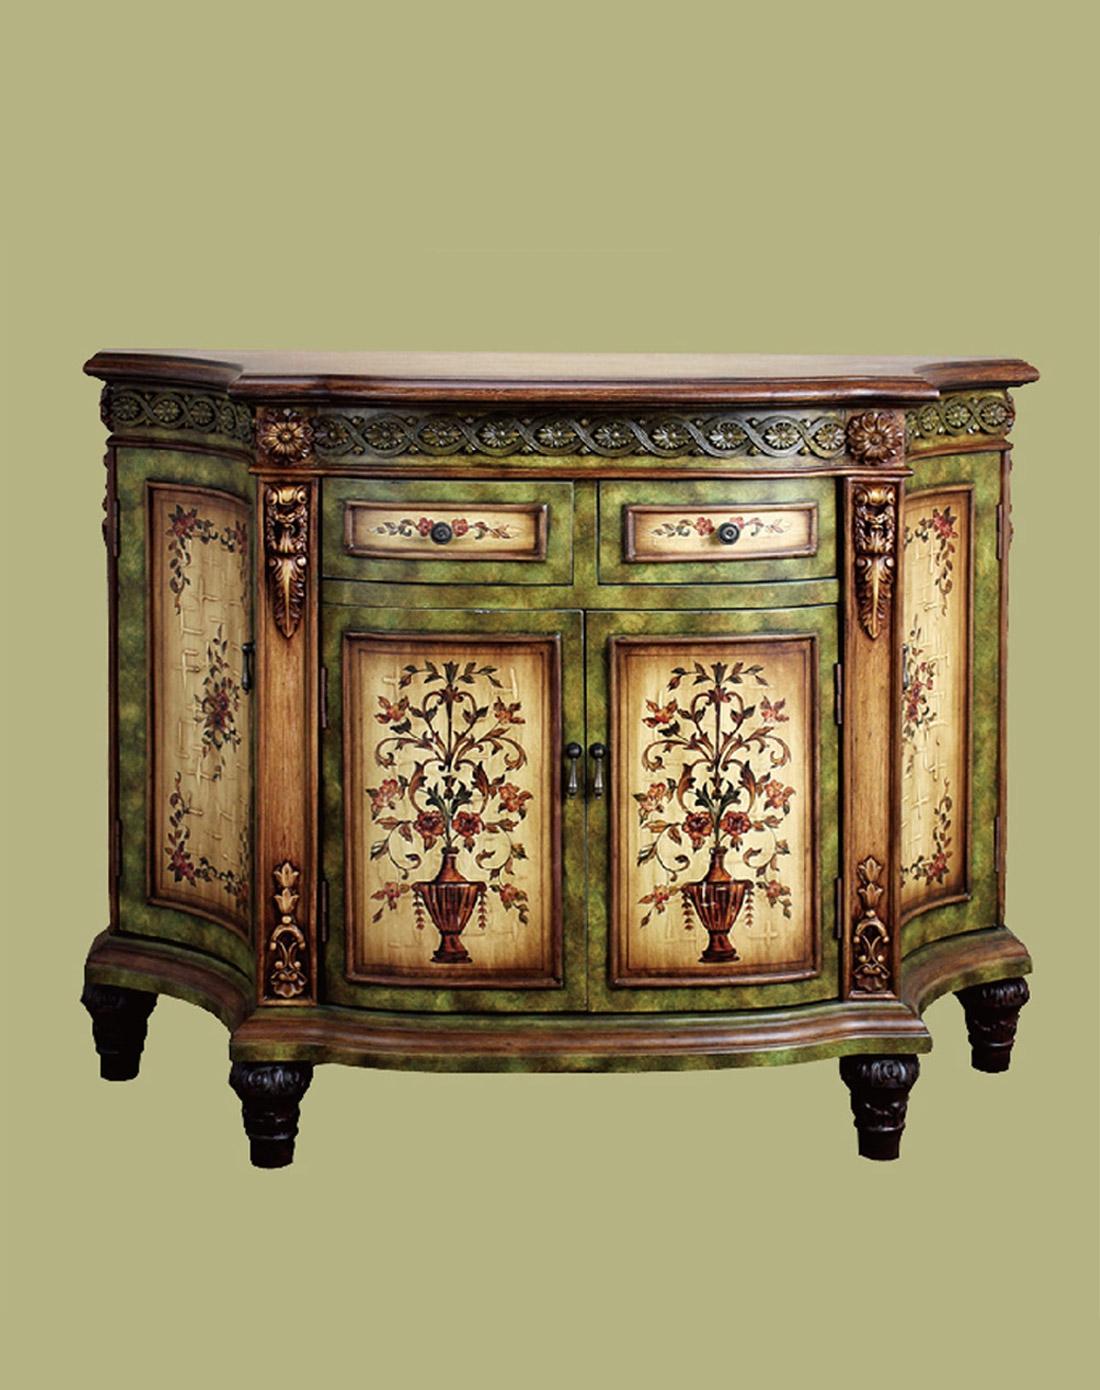 欧式古董雕花怀旧手绘玄关储物柜